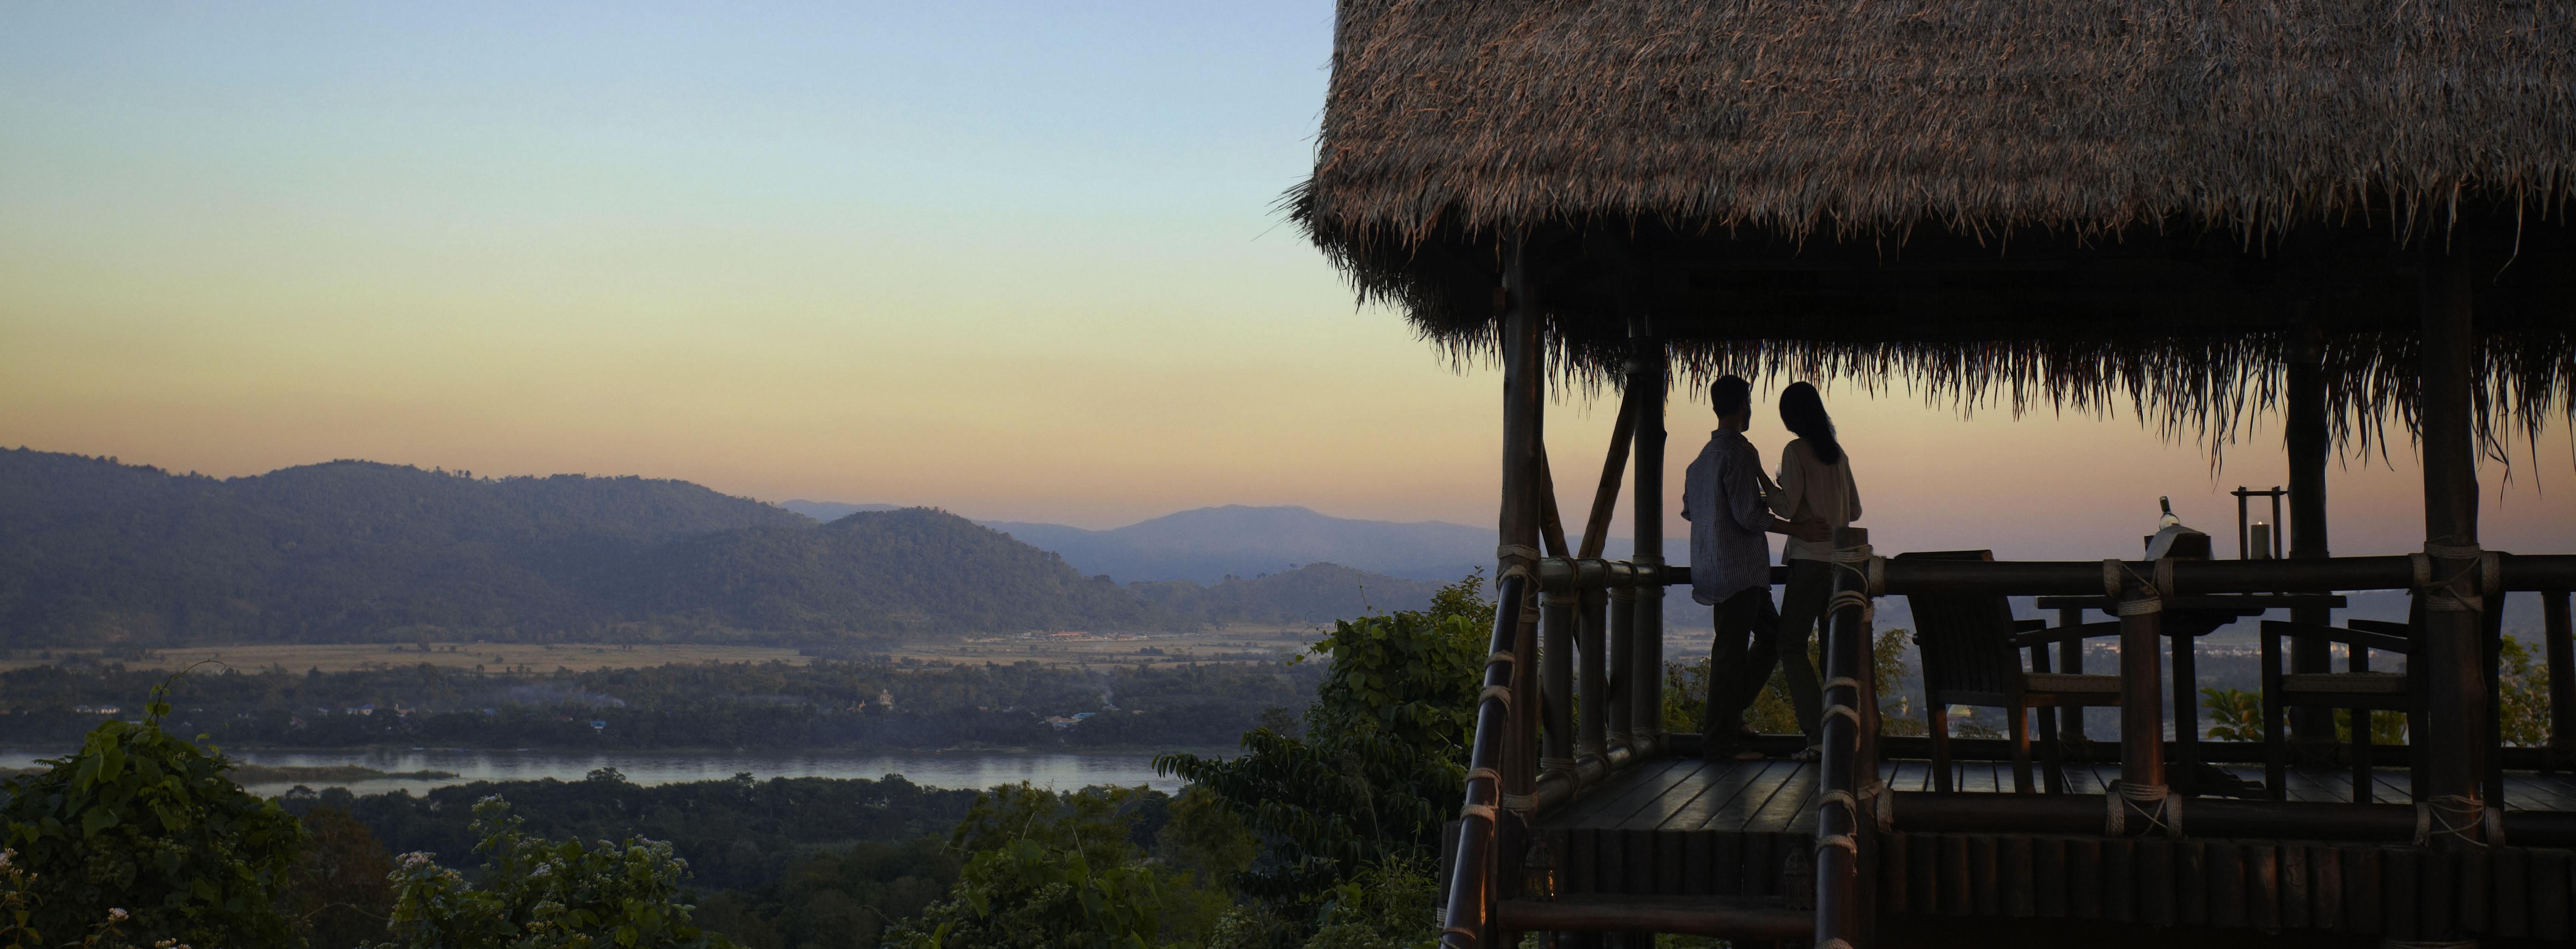 Hilltop_sunset_sala_anantara